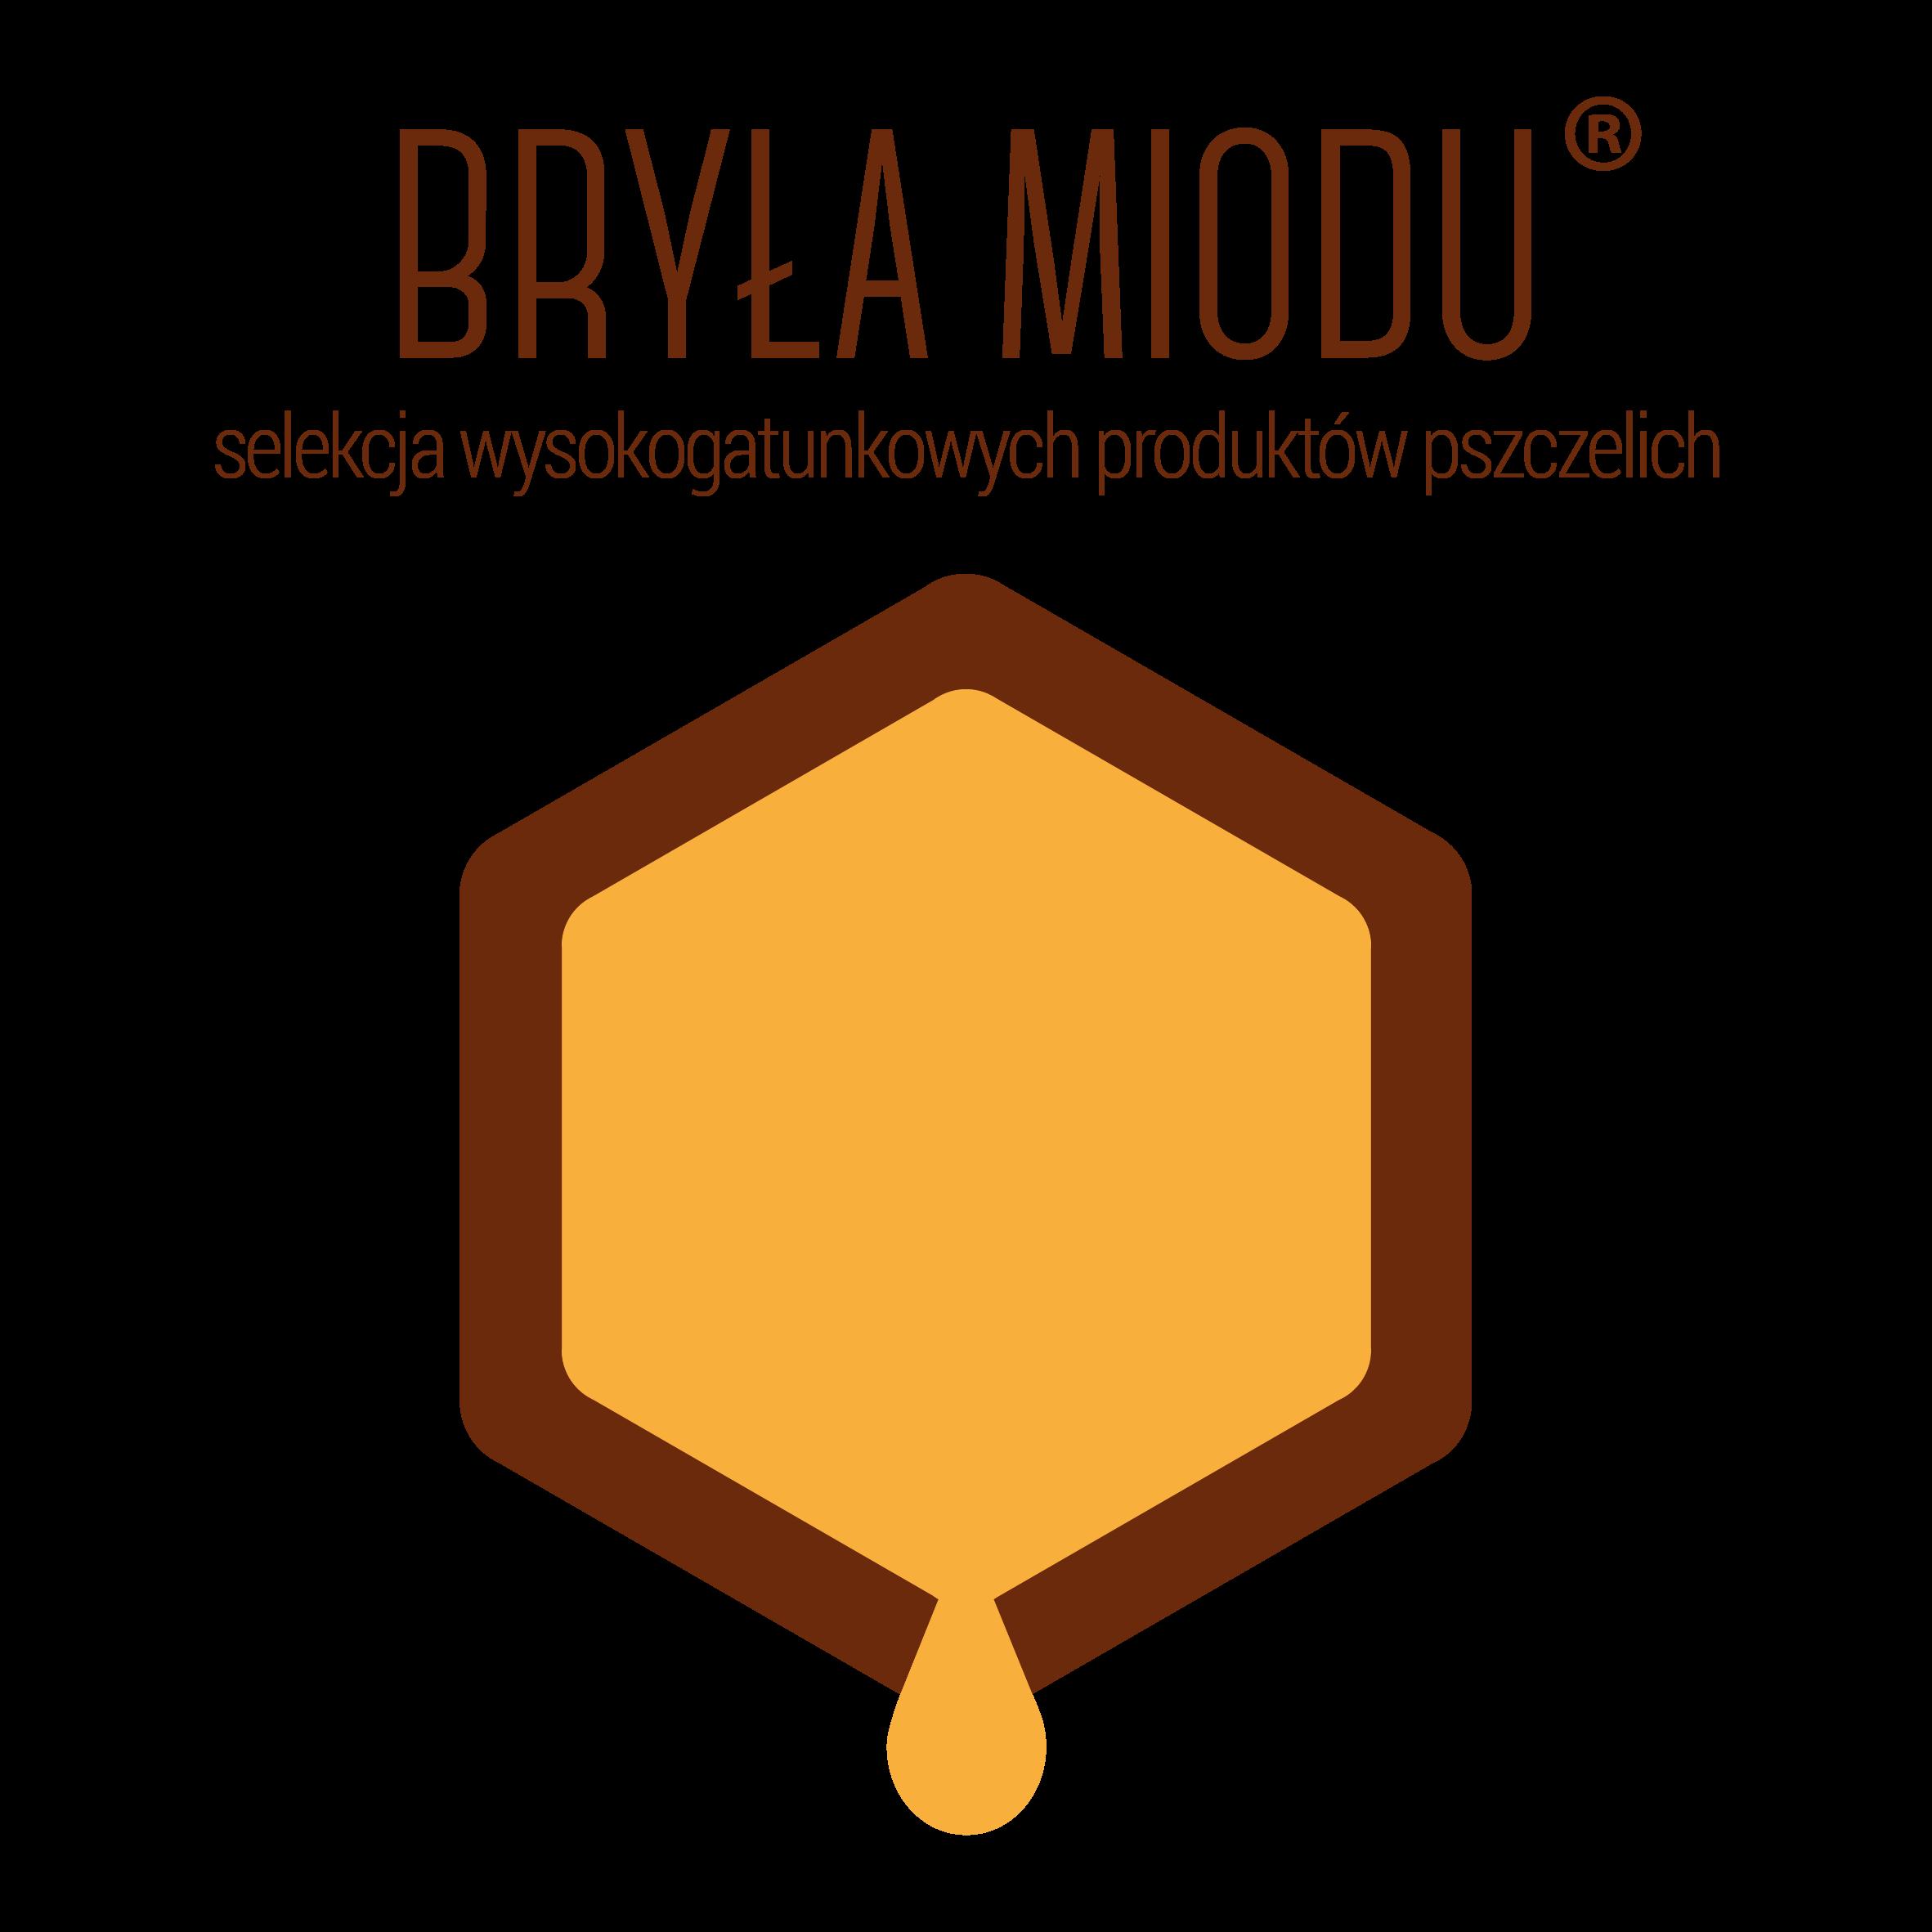 Naturalne Produkty Pszczele- Bryła Miodu